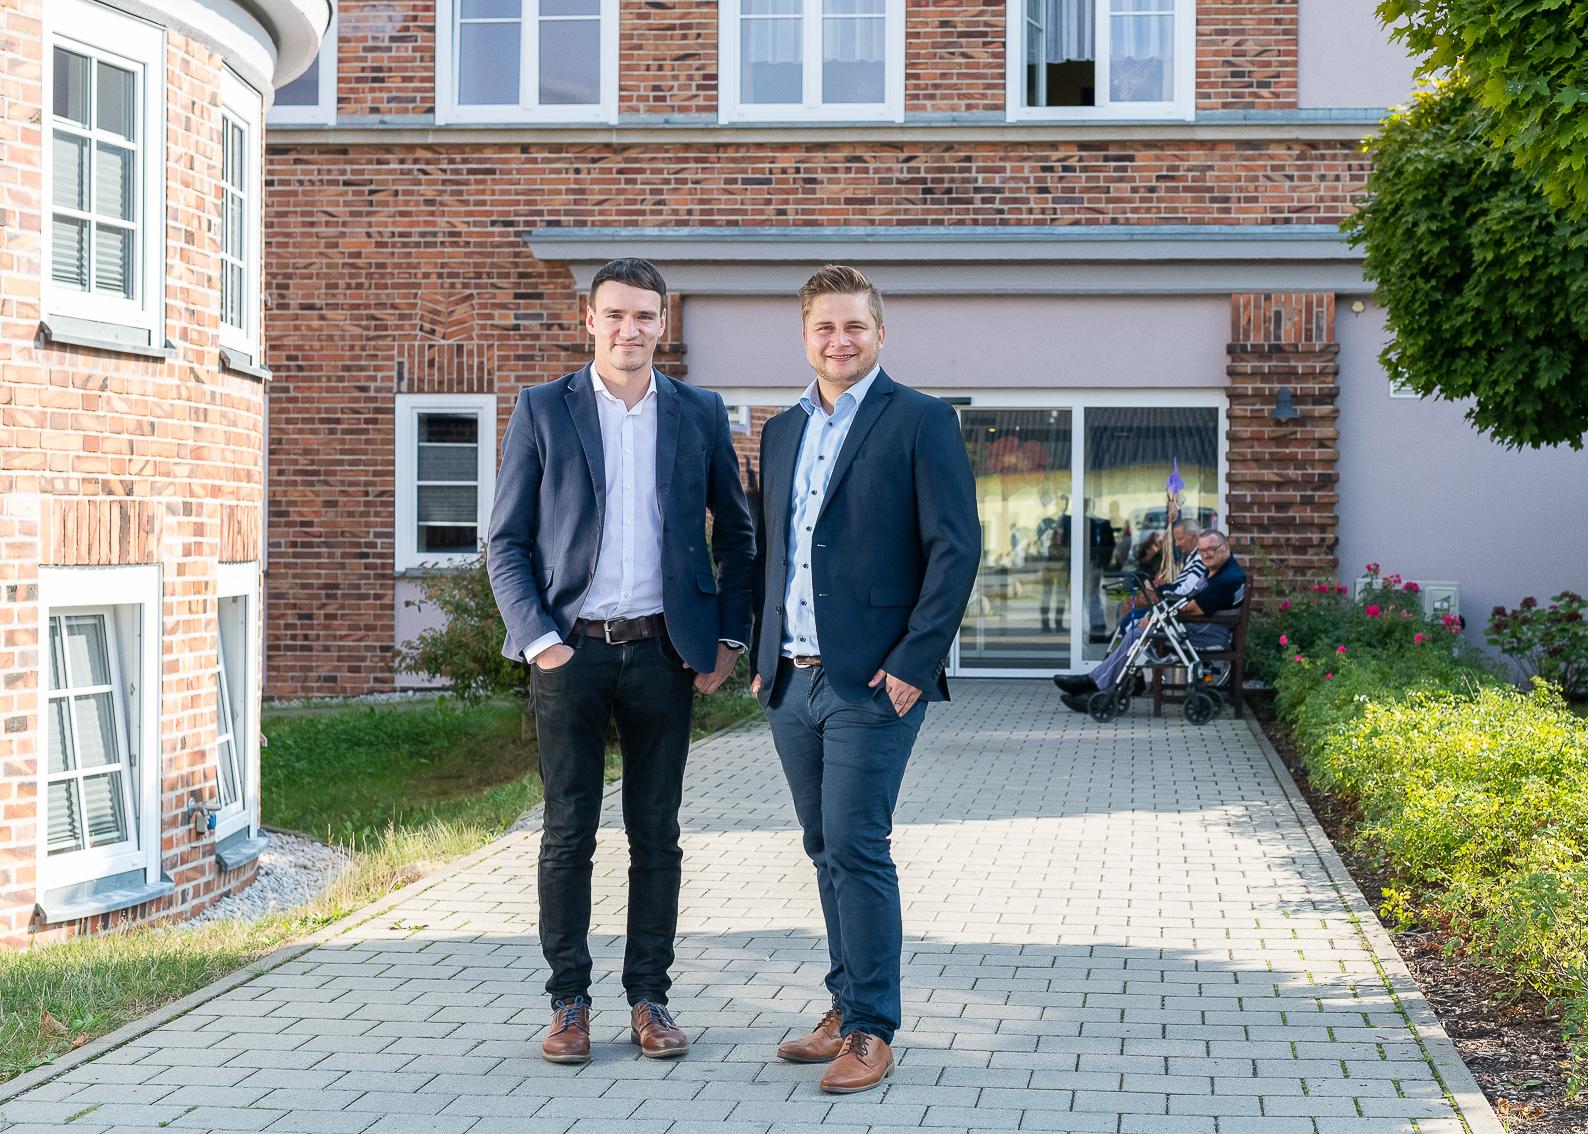 Investee Partner Pflegeplatzmanager GmbH Schließt Wichtigen Vertrag Ab